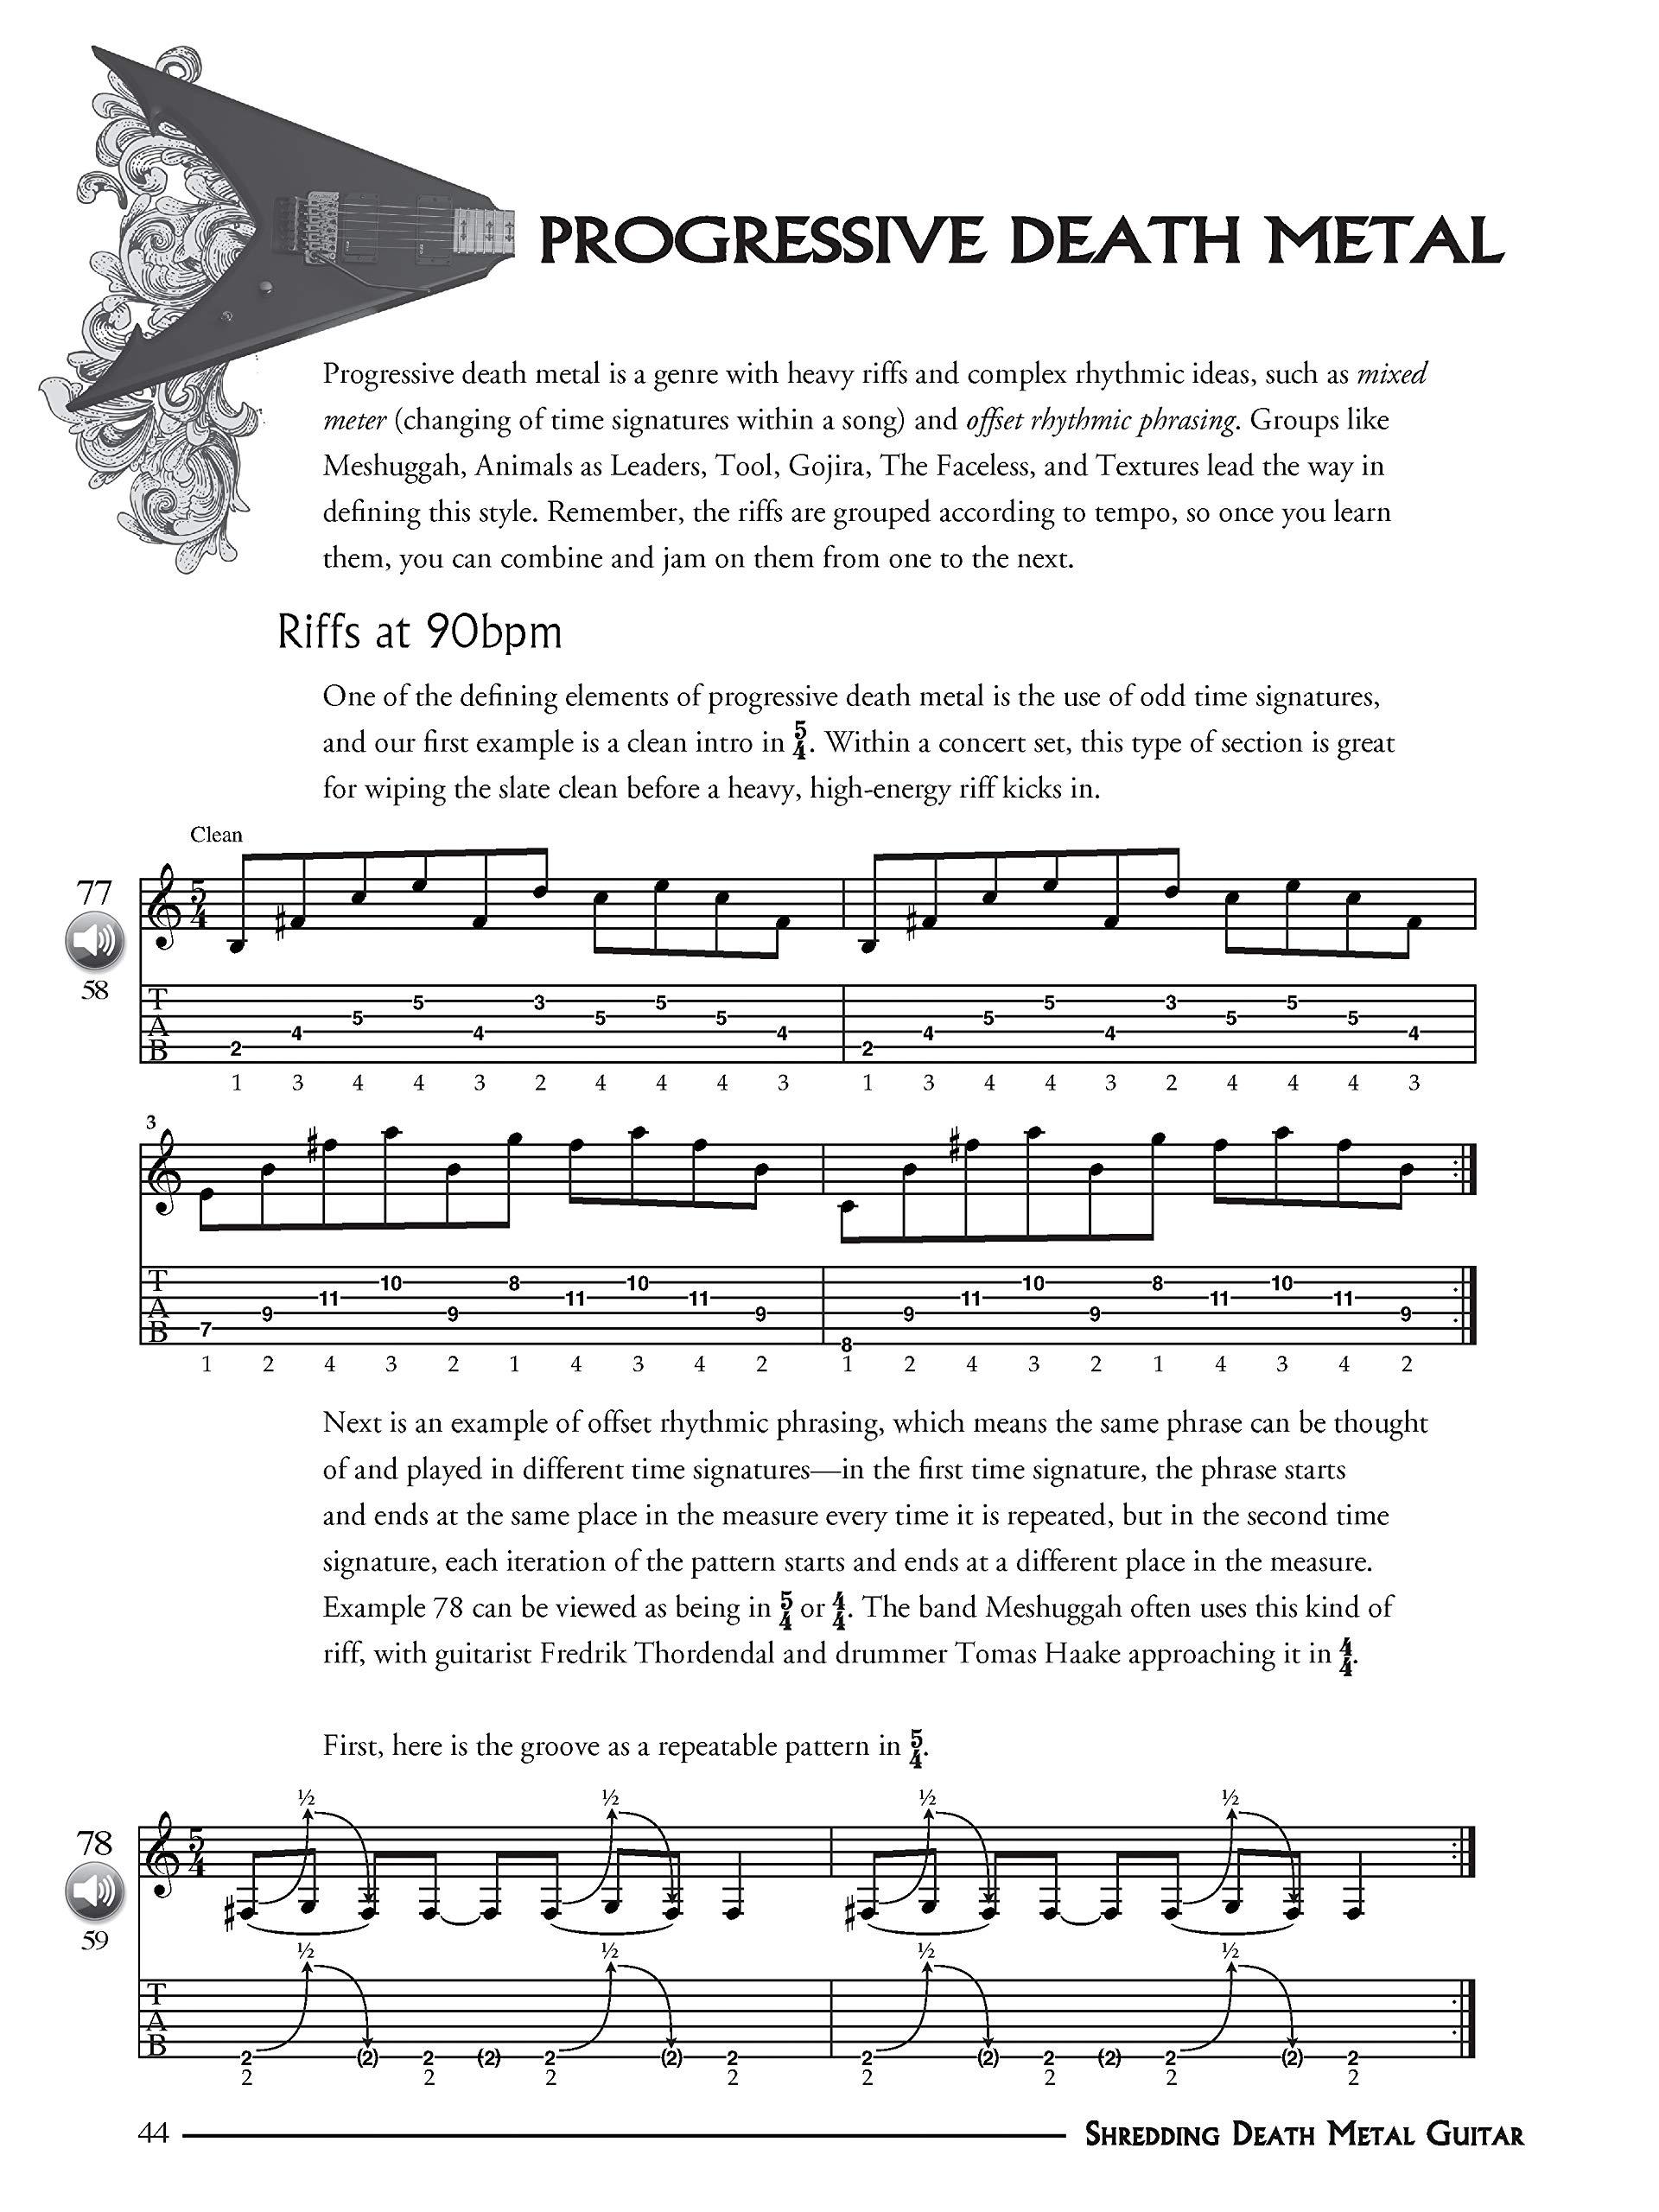 Shredding Death Metal Guitar: Extreme Technique Meets Metal Guitar ...